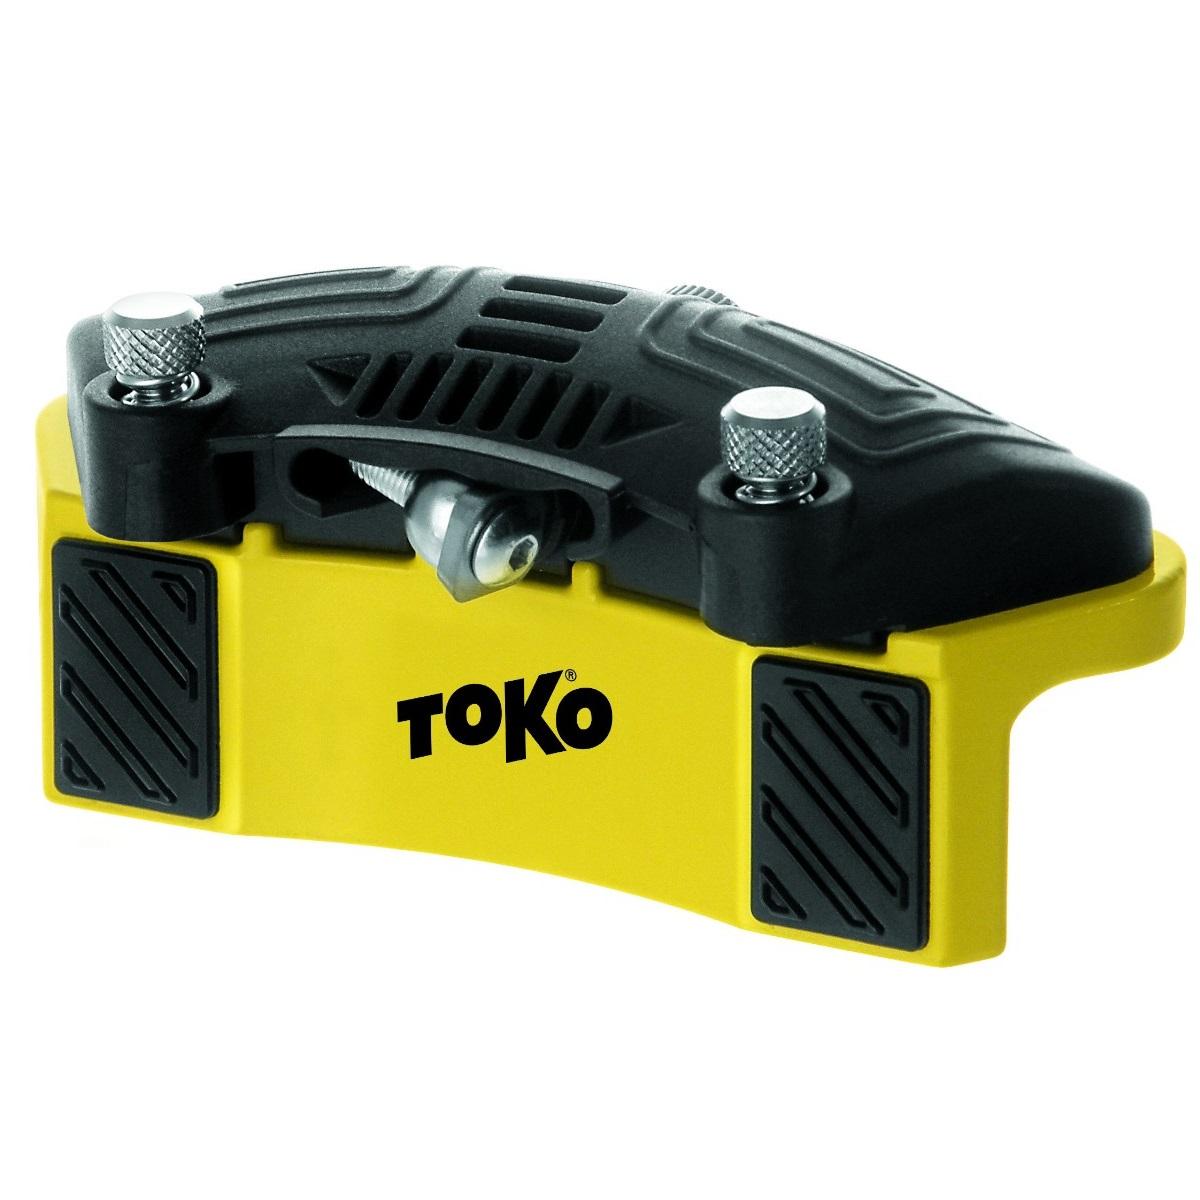 TOKO SIDEWALL PLANER PRO (Toko)TOKO SIDEWALL PLANER PRO (Toko)